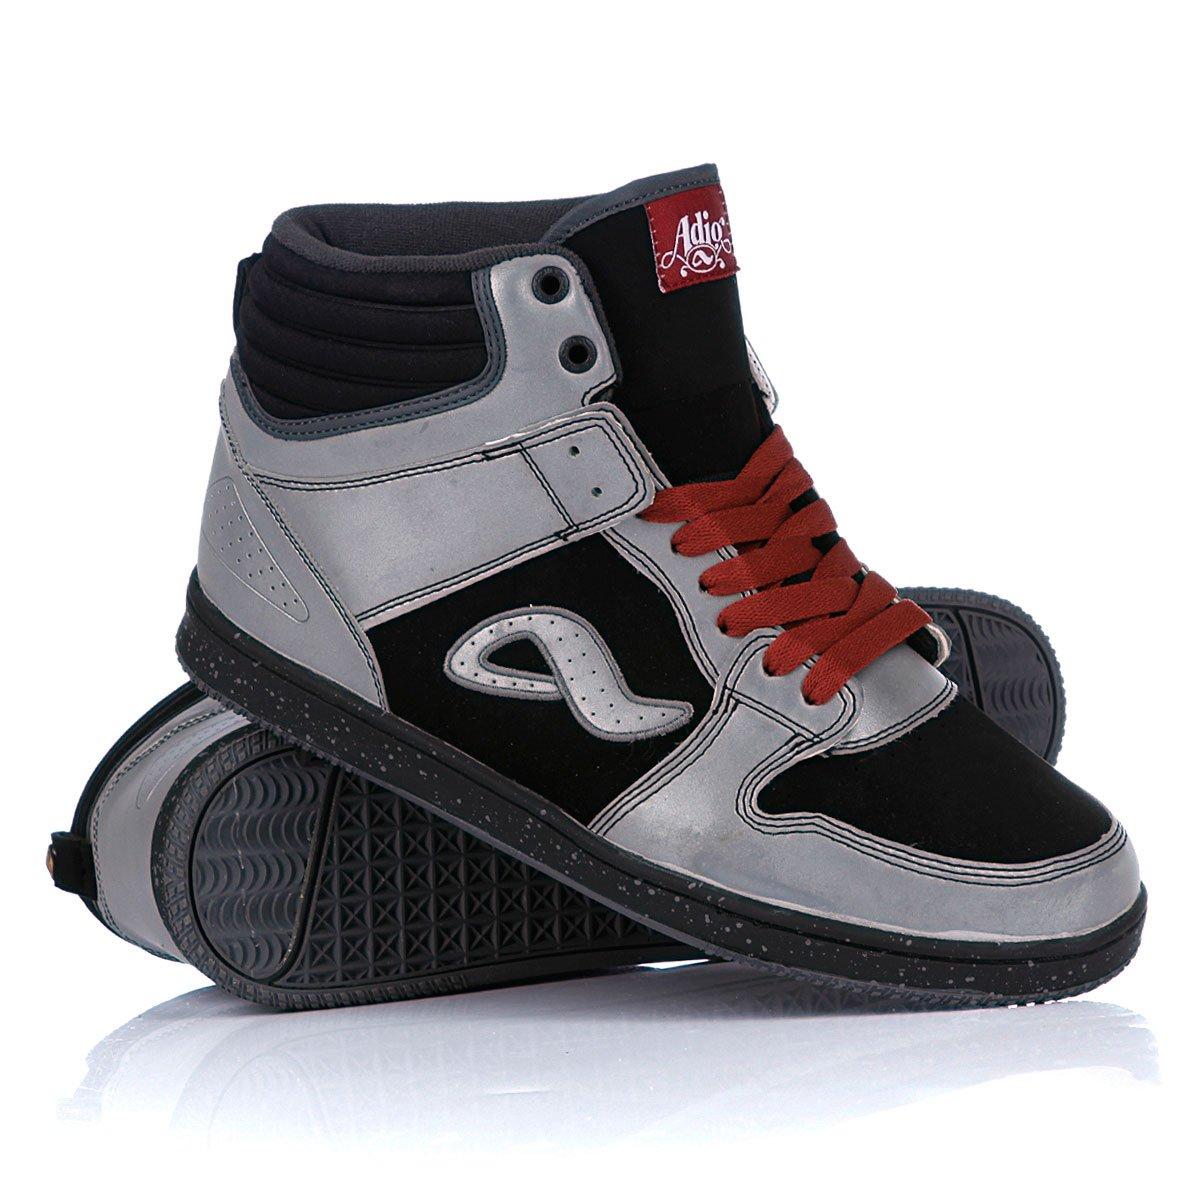 19b78652 Купить кеды высокие Adio Ruckus Grey/Black/Maroon (101112skladmel28 ...